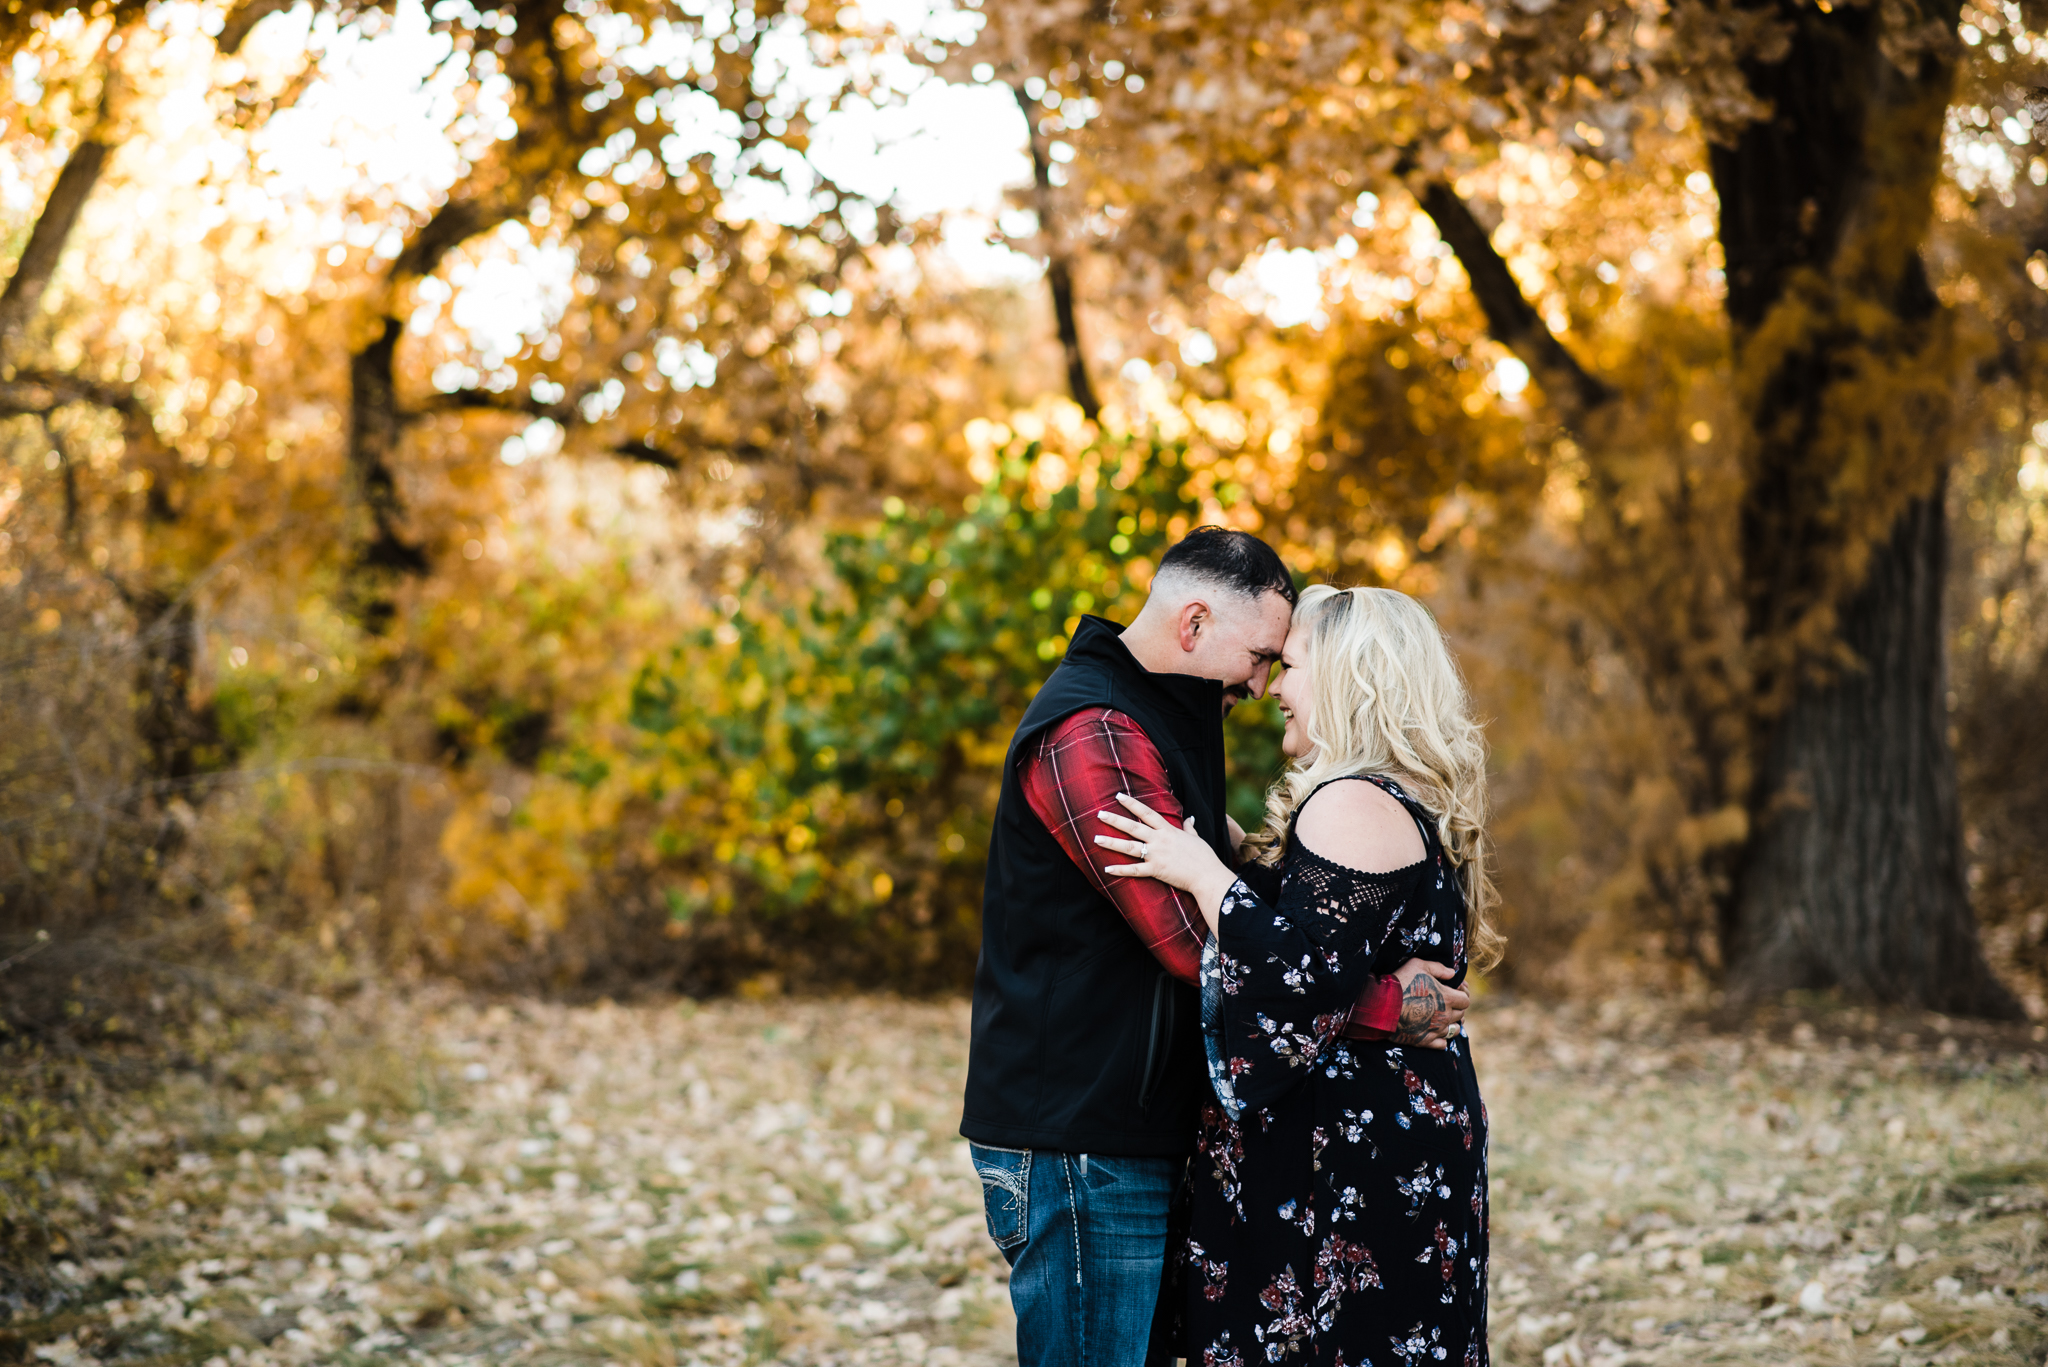 dating en mand, der har herpes